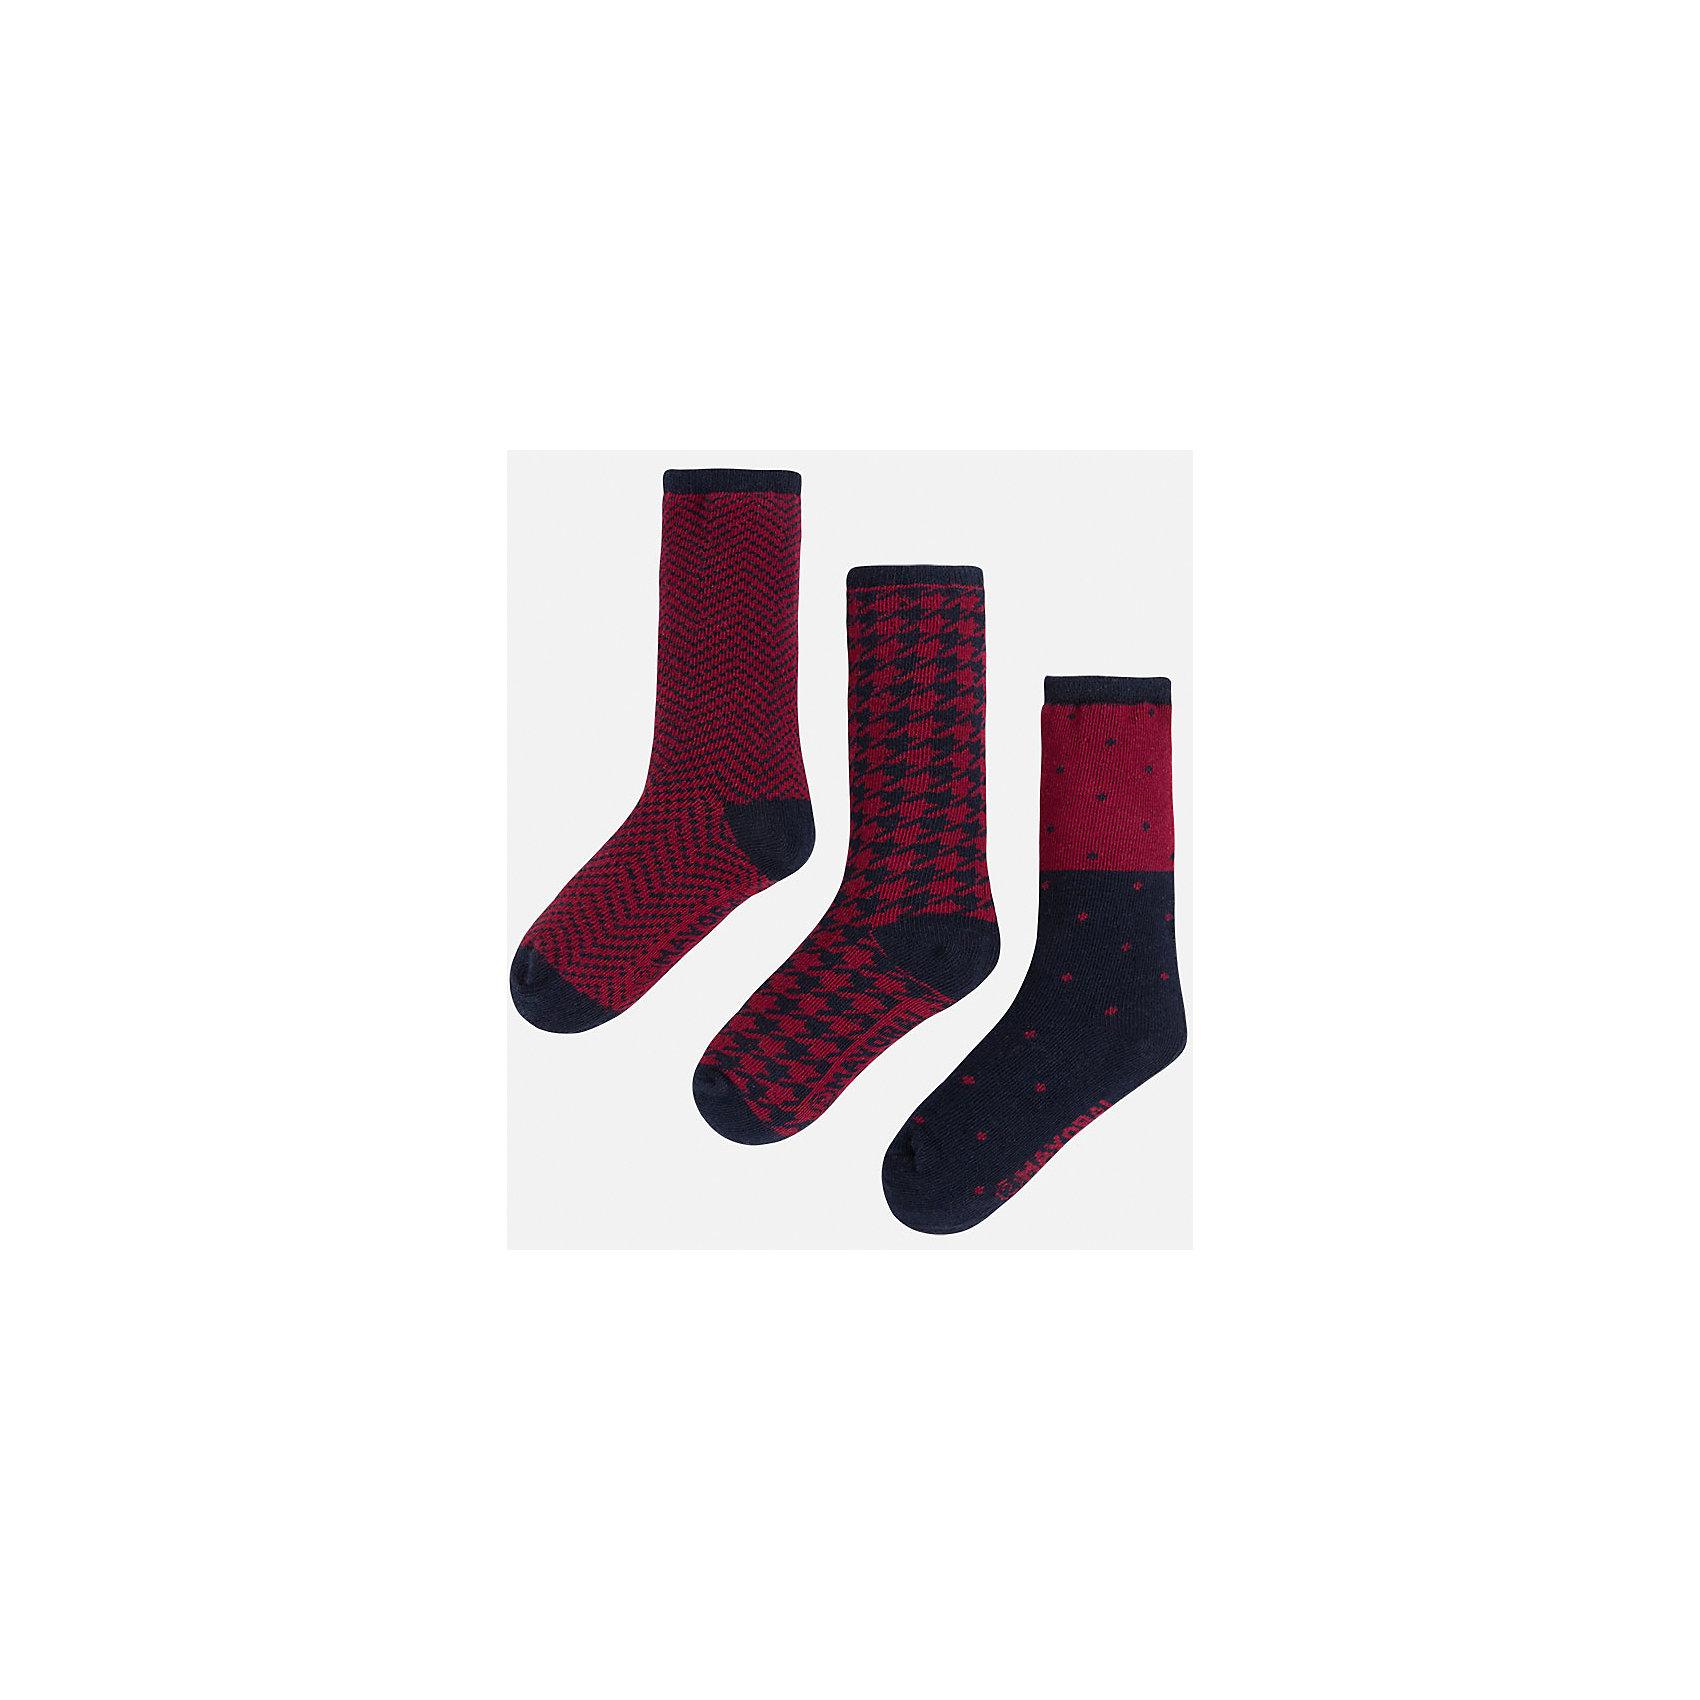 Носки для мальчика, 3 парыКомплект из 3 пар носков для мальчика от известного испанского бренда Mayoral. Каждая пара имеет разную расцветку и сделана из качественных дышащих материалов.<br>Дополнительная информация:<br>-цвет: красный, черный<br>Состав: 72% хлопок, 25% полиамид, 3% эластан<br>Комплект носков Mayoral можно приобрести в нашем интернет-магазине.<br><br>Ширина мм: 87<br>Глубина мм: 10<br>Высота мм: 105<br>Вес г: 115<br>Цвет: бордовый<br>Возраст от месяцев: 84<br>Возраст до месяцев: 96<br>Пол: Мужской<br>Возраст: Детский<br>Размер: 4,8,6<br>SKU: 4820109